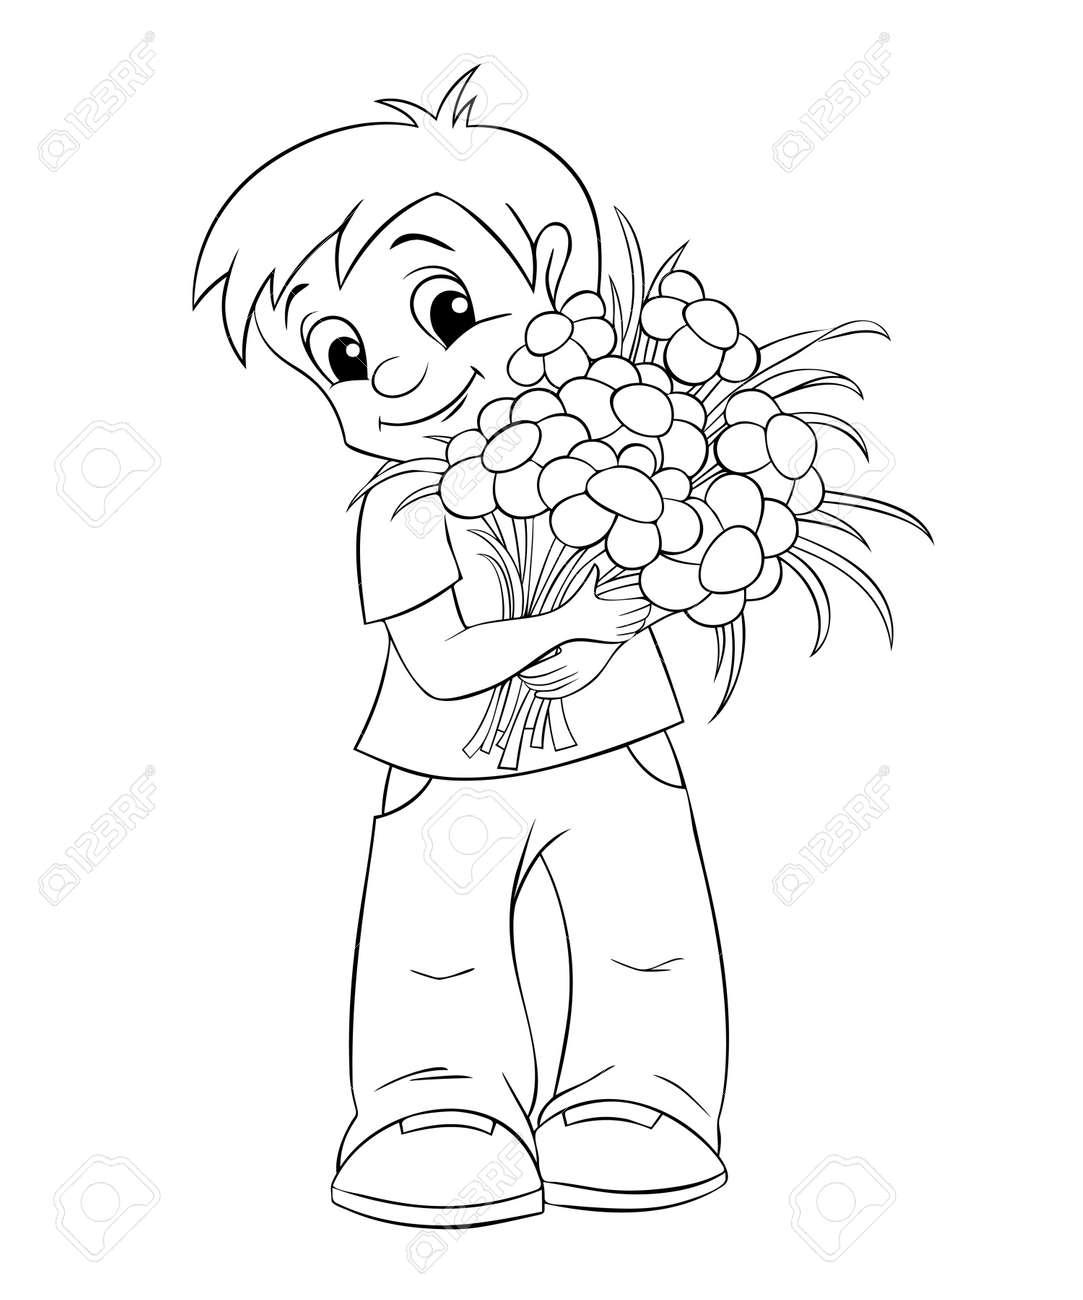 Niño Pequeño Lindo Con El Ramo. Ilustración En Blanco Y Negro Para ...